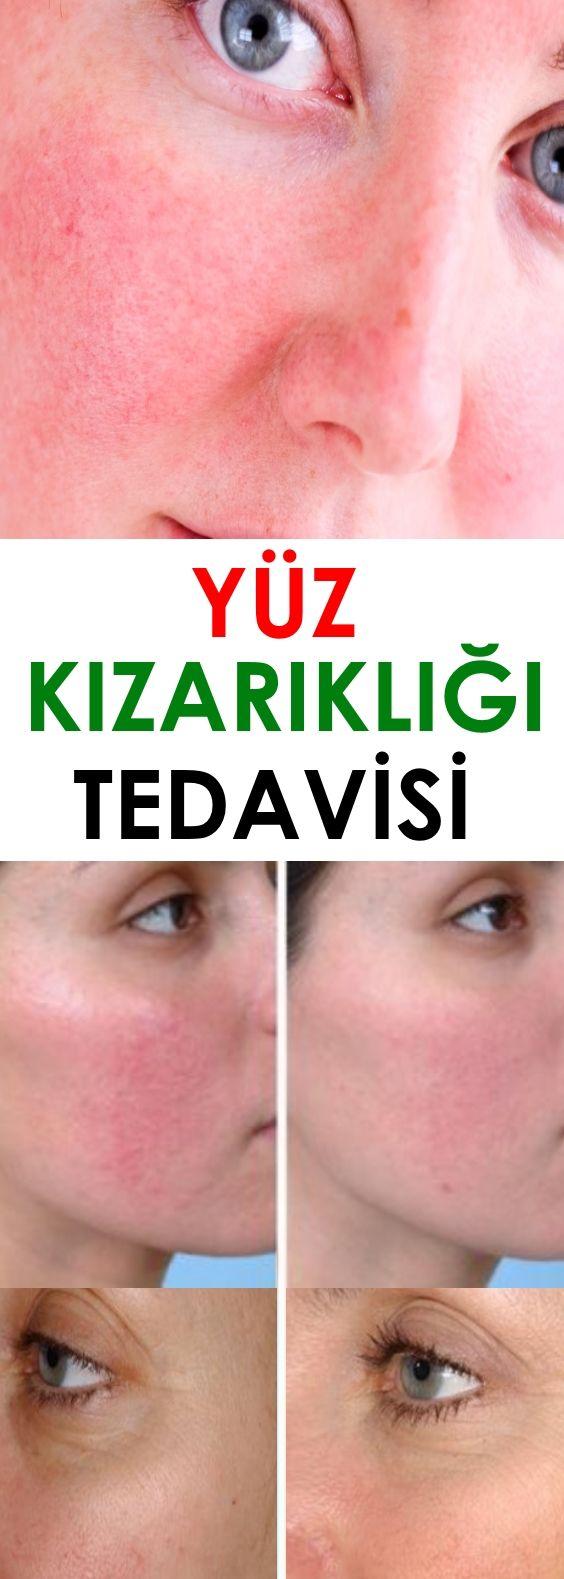 Yüz Kızarıklığı Tedavisi İçin Maske Tarifi